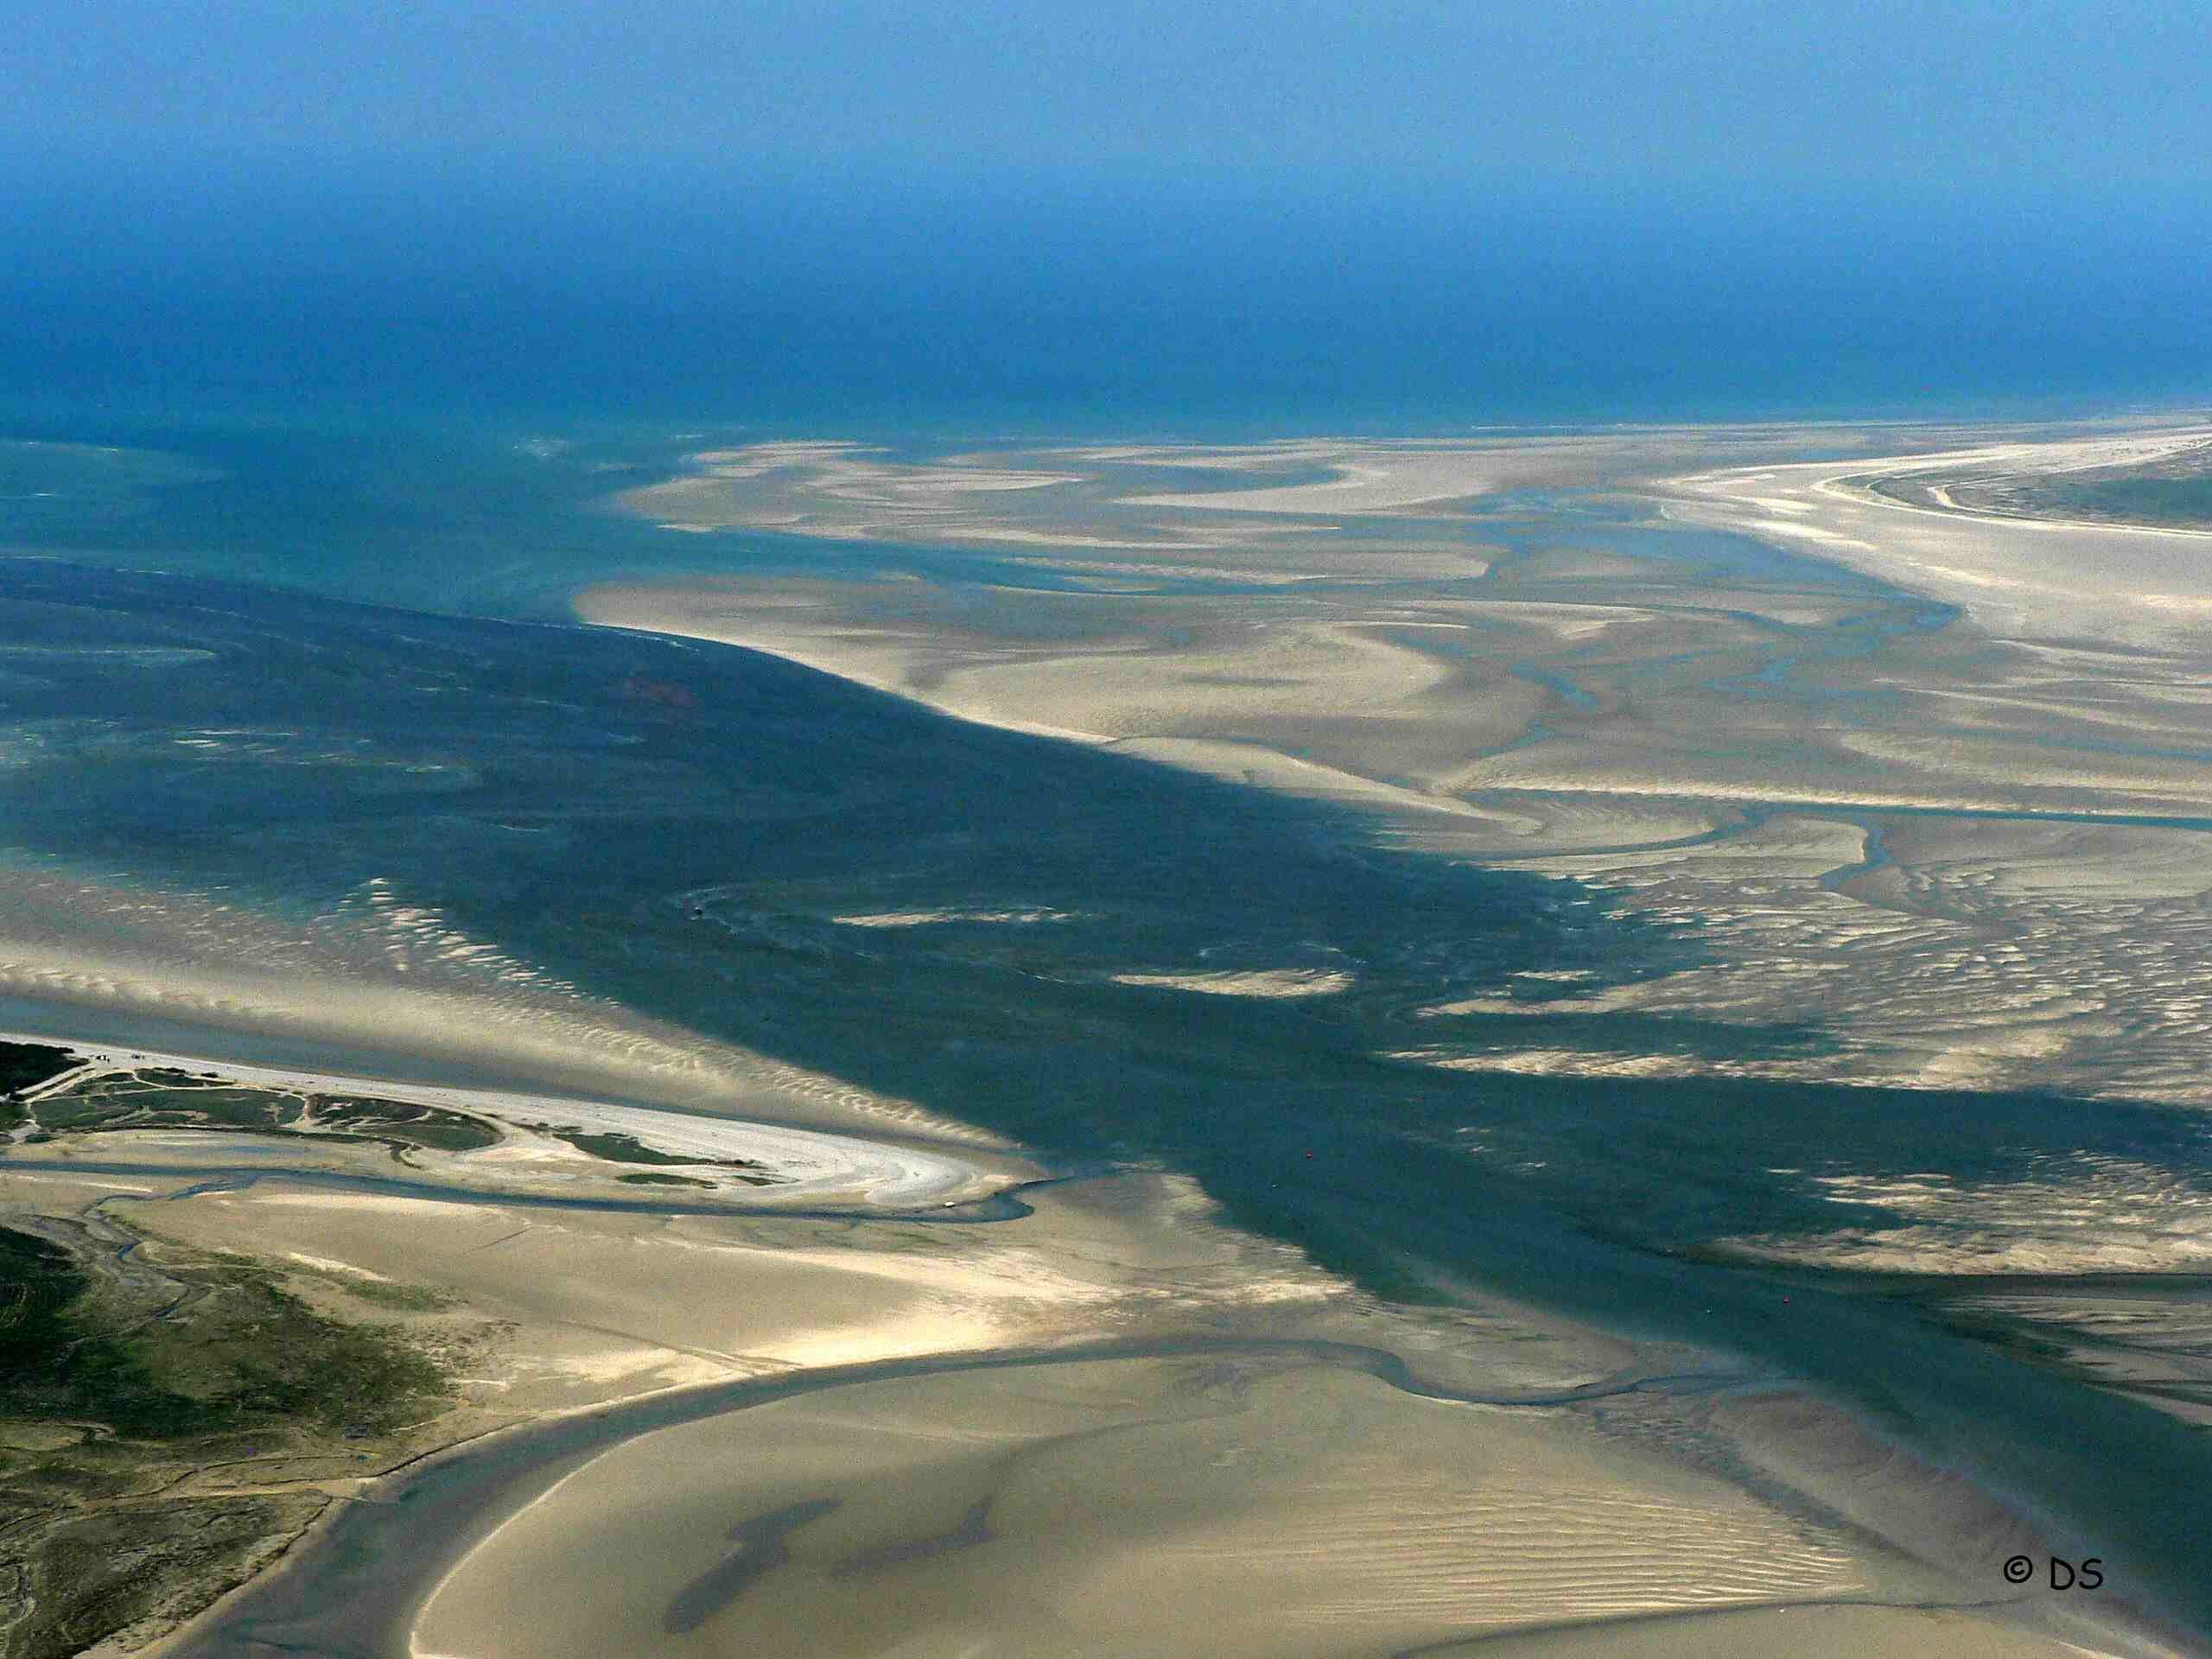 Baie de Somme La Baie de Somme vue du ciel France Voyage